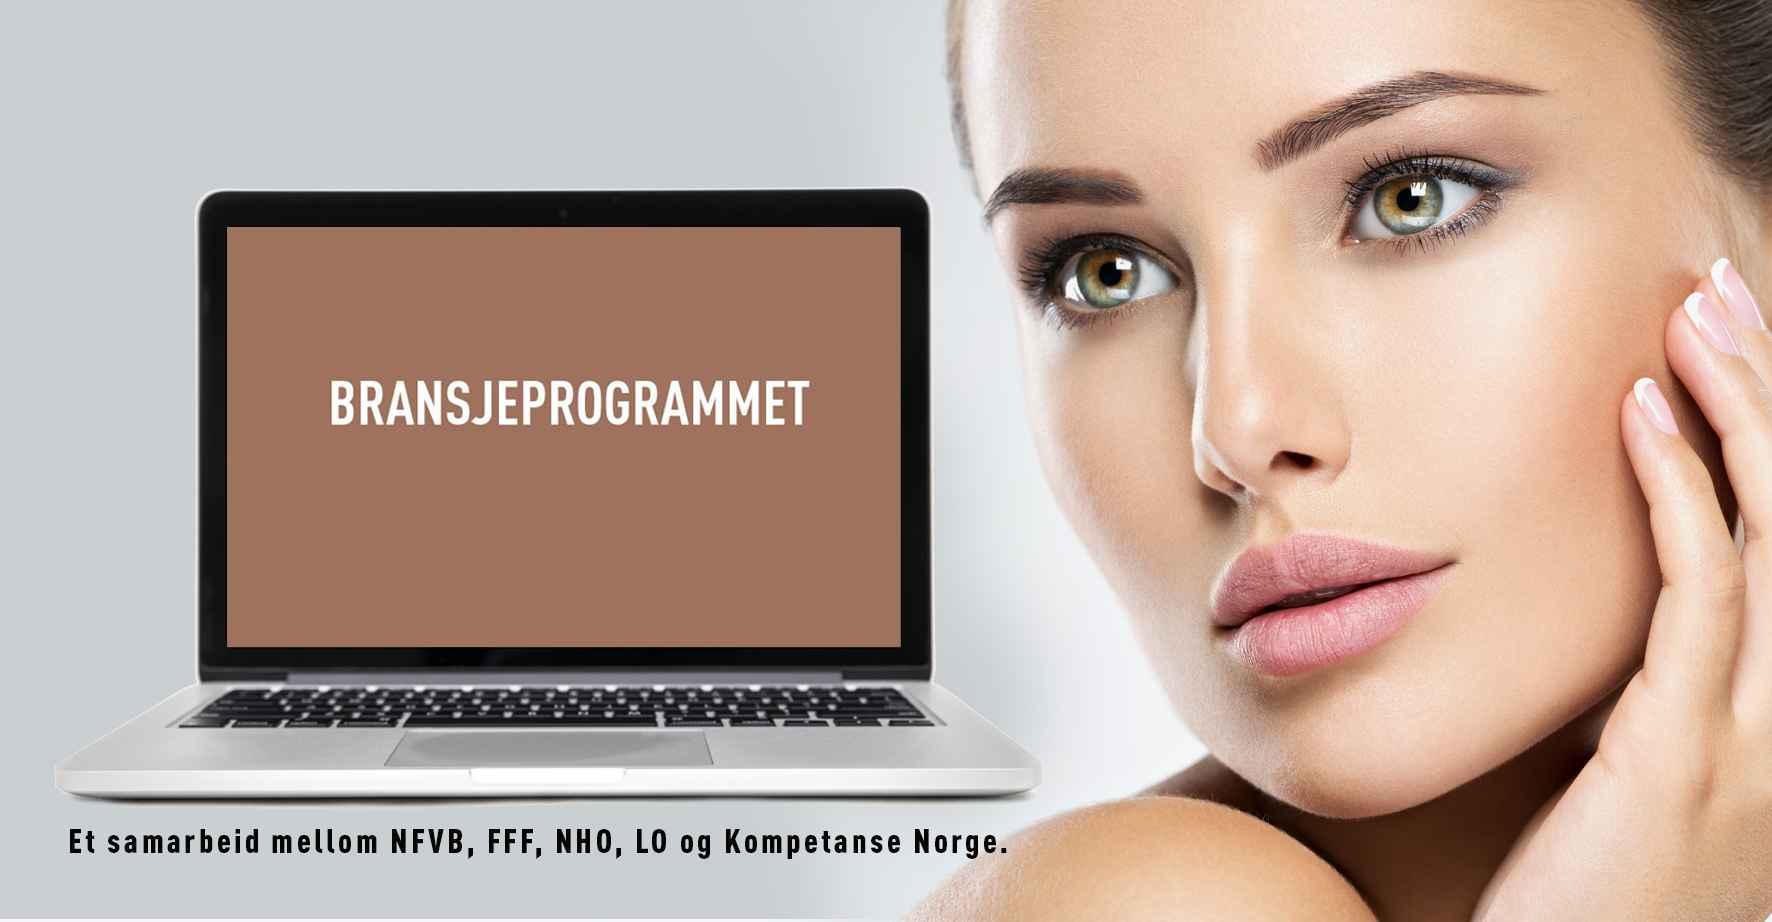 Bransjeprogrammer-hud-11 c.jpg